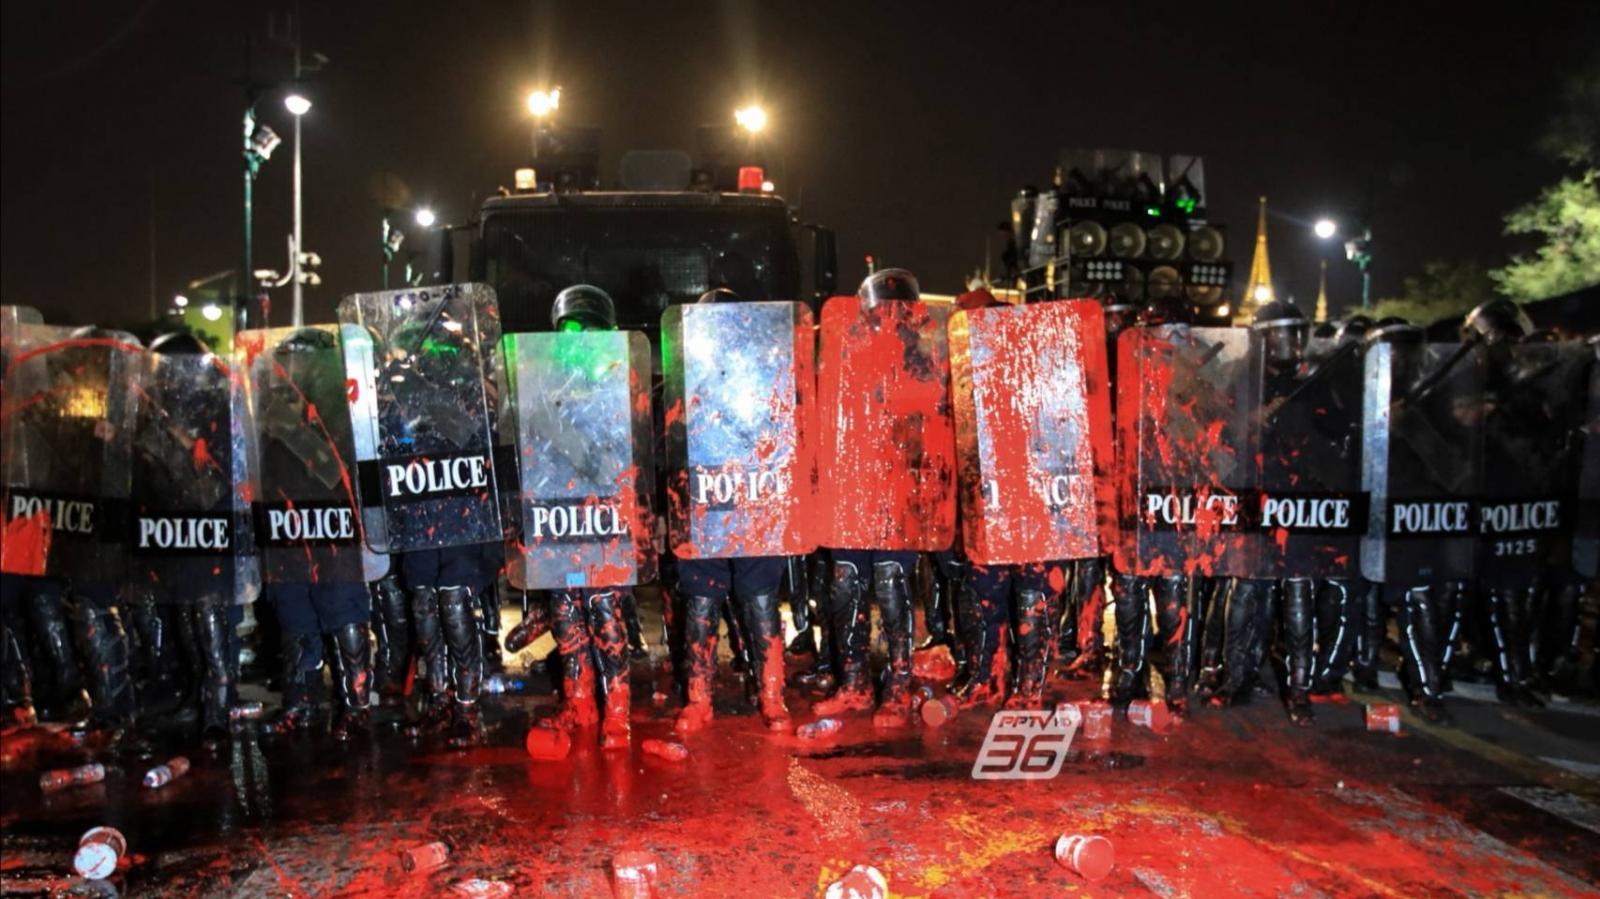 """ประมวลเหตุการณ์ """"สลายม็อบ13กุมภา"""" อนุสาวรีย์ปชต.สู่ศาลหลักเมือง ปืนดัง ประทัดยักษ์สนั่น"""